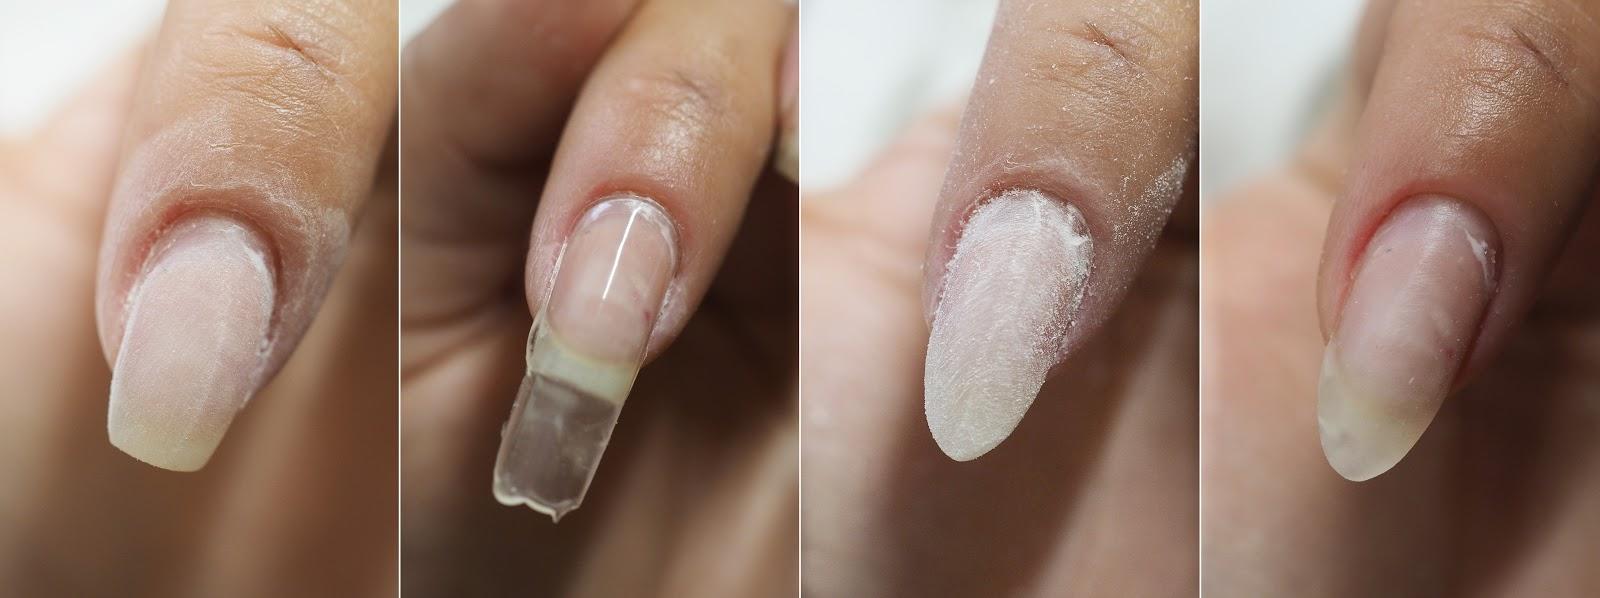 jak przedłużyć paznokcie